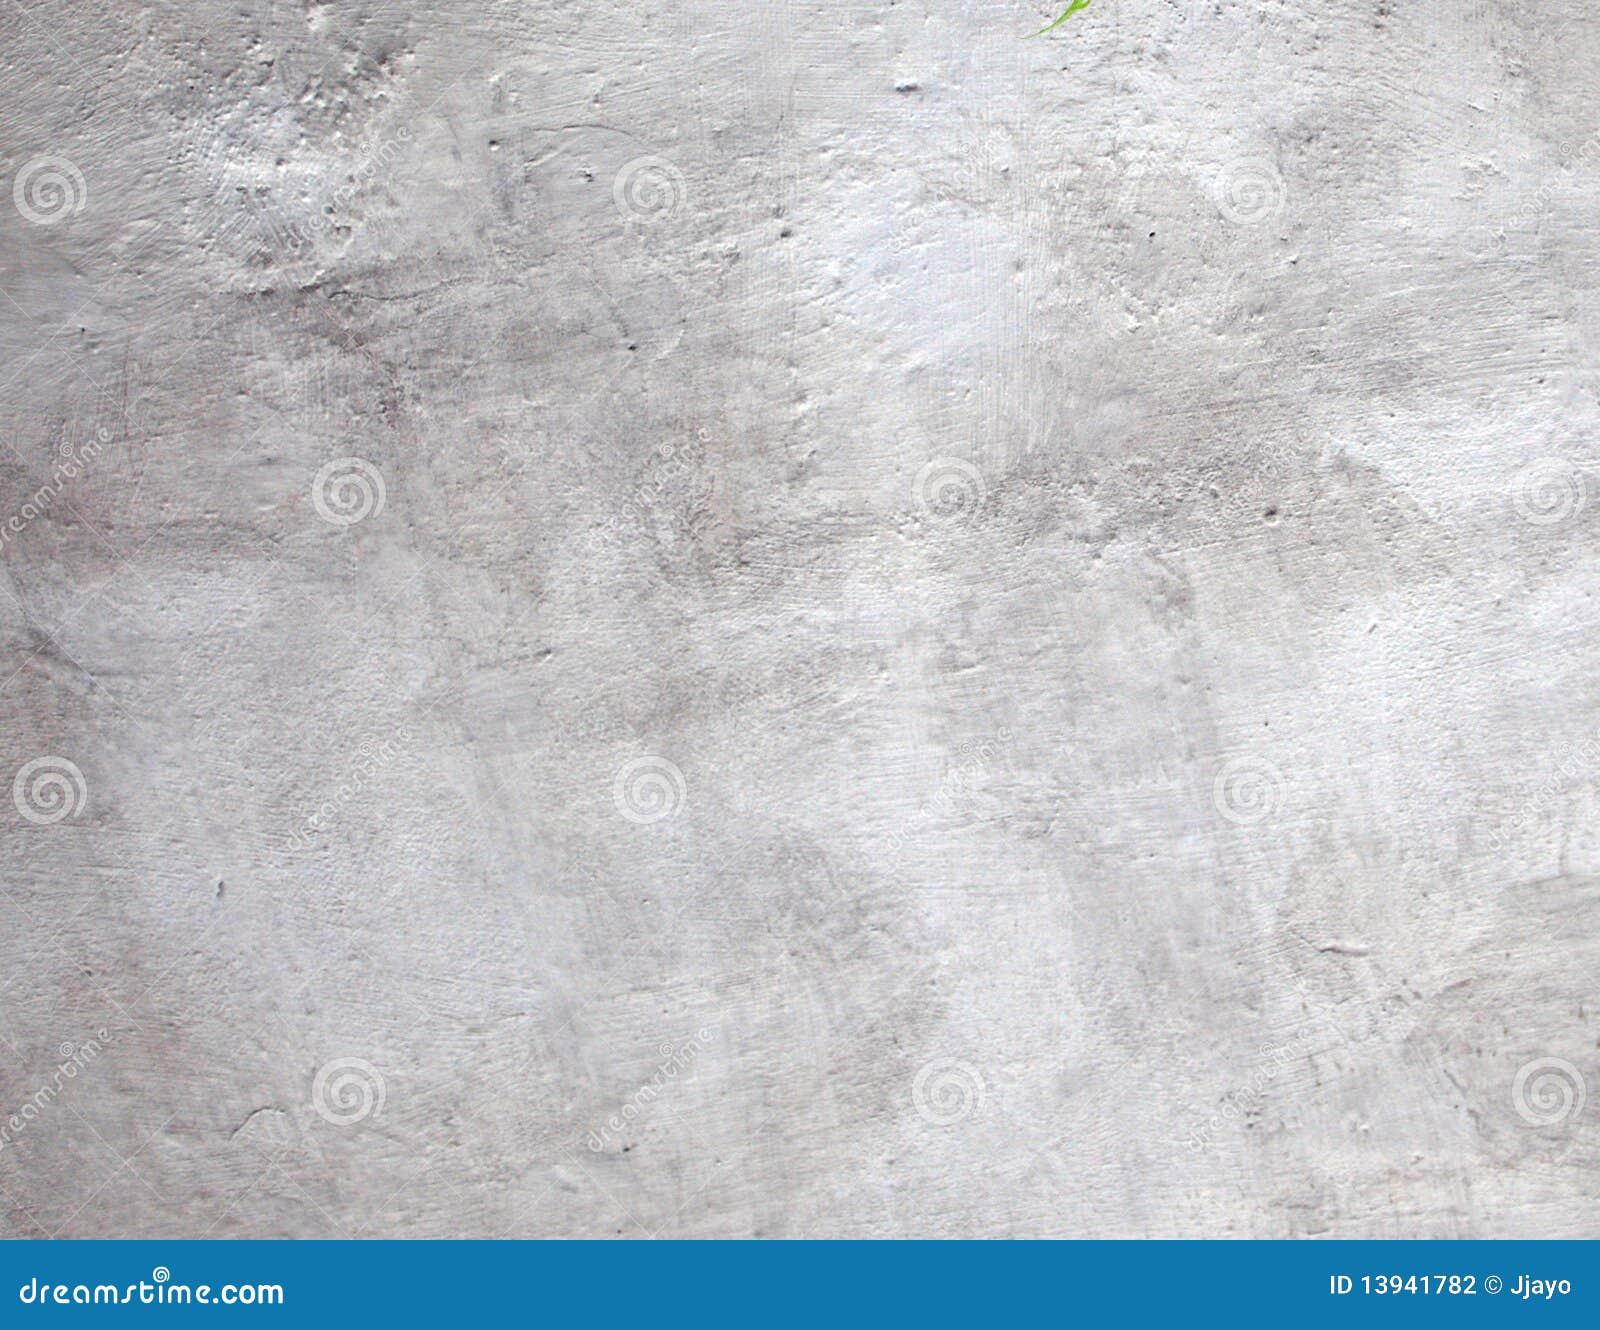 Muro Di Cemento Verniciato Bianco Astratto Fotografia Stock - Immagine: 13941782